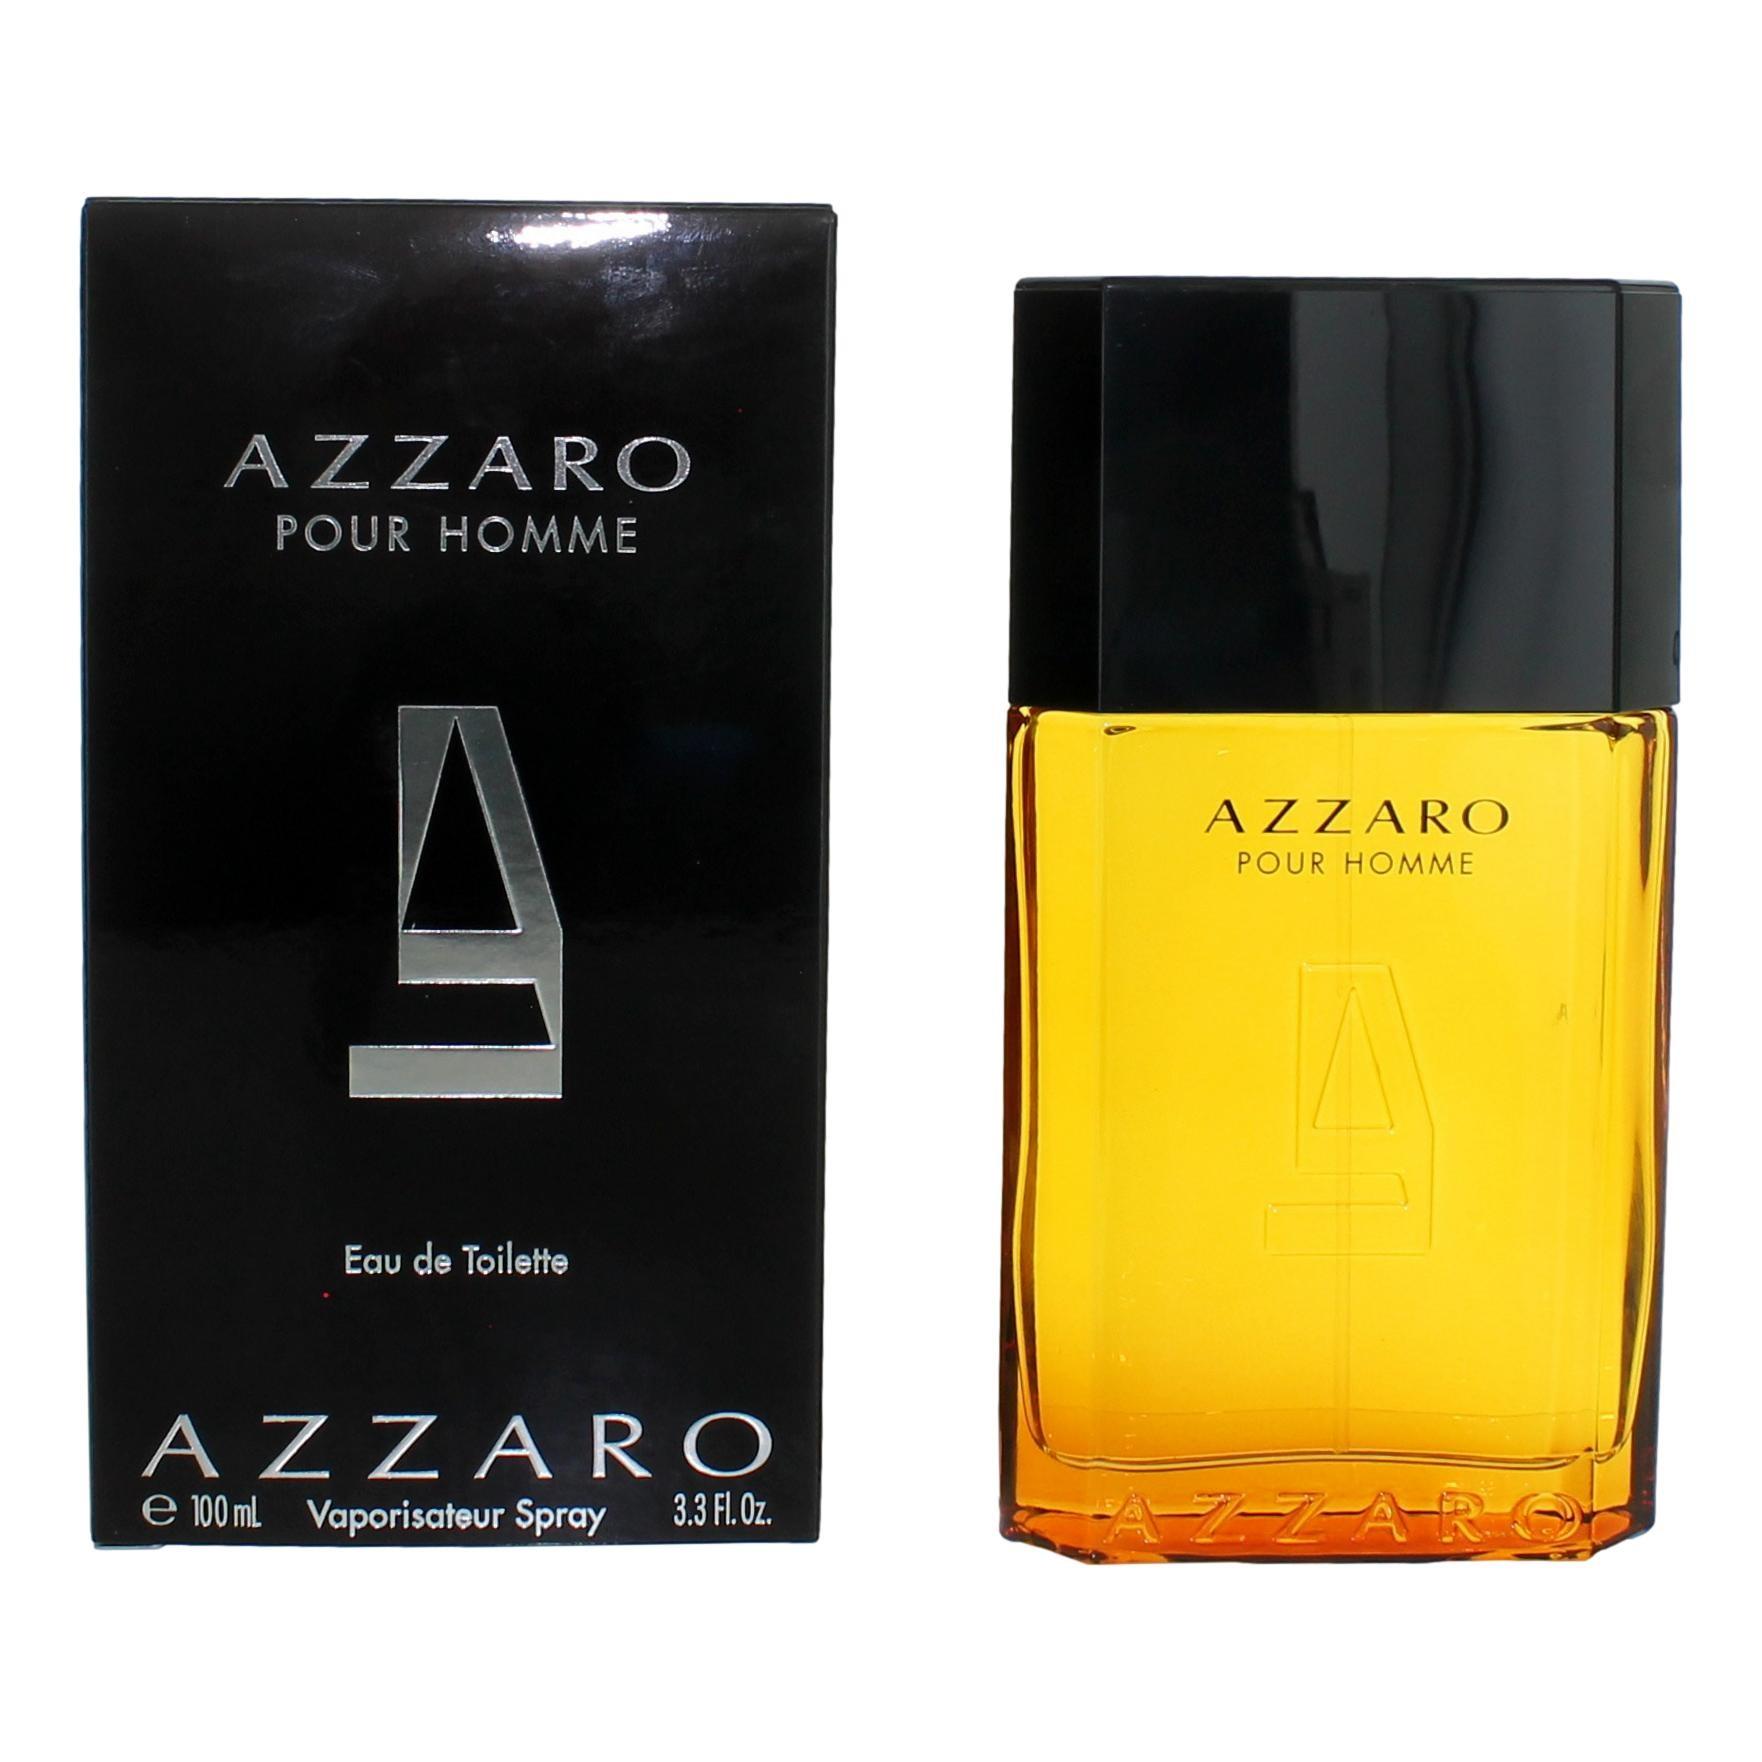 Azzaro by Azzaro, 3.4 oz EDT Spray for Men